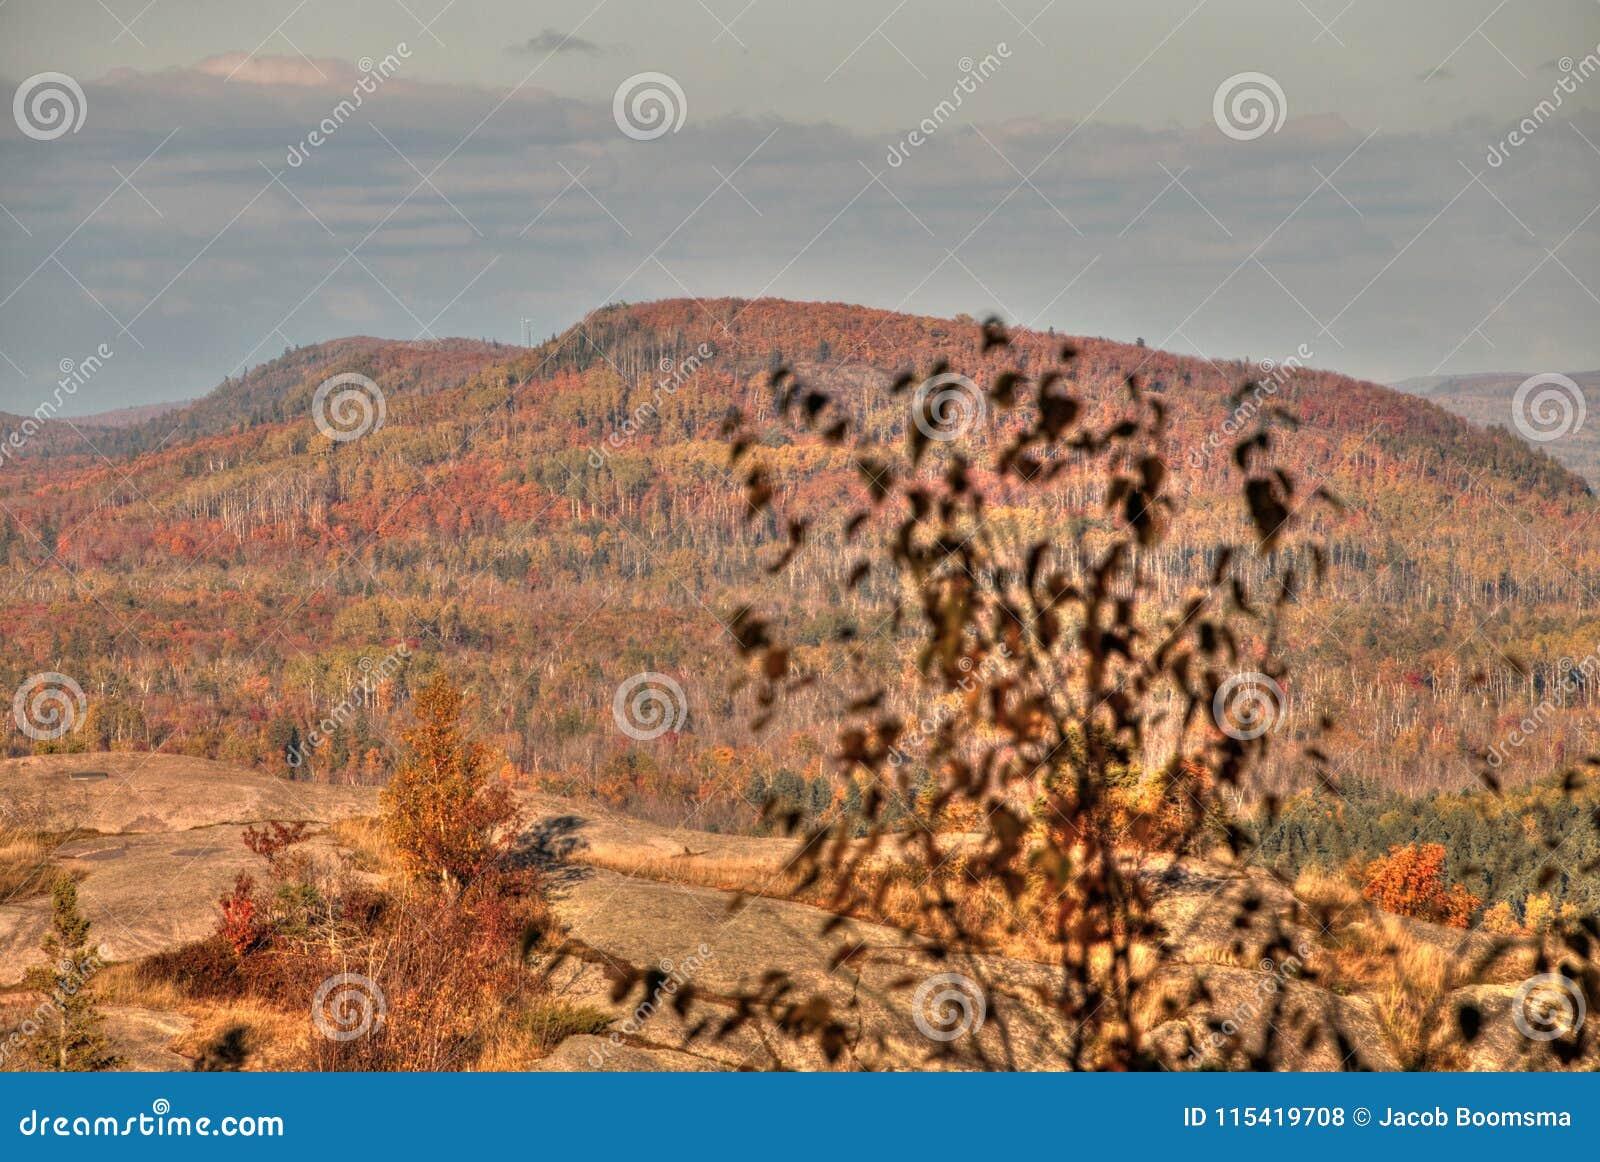 Φθινόπωρο στην αιχμή του Carlton των πριονωτών βουνών σε βόρεια Μινεσότα στη βόρεια ακτή του ανωτέρου λιμνών